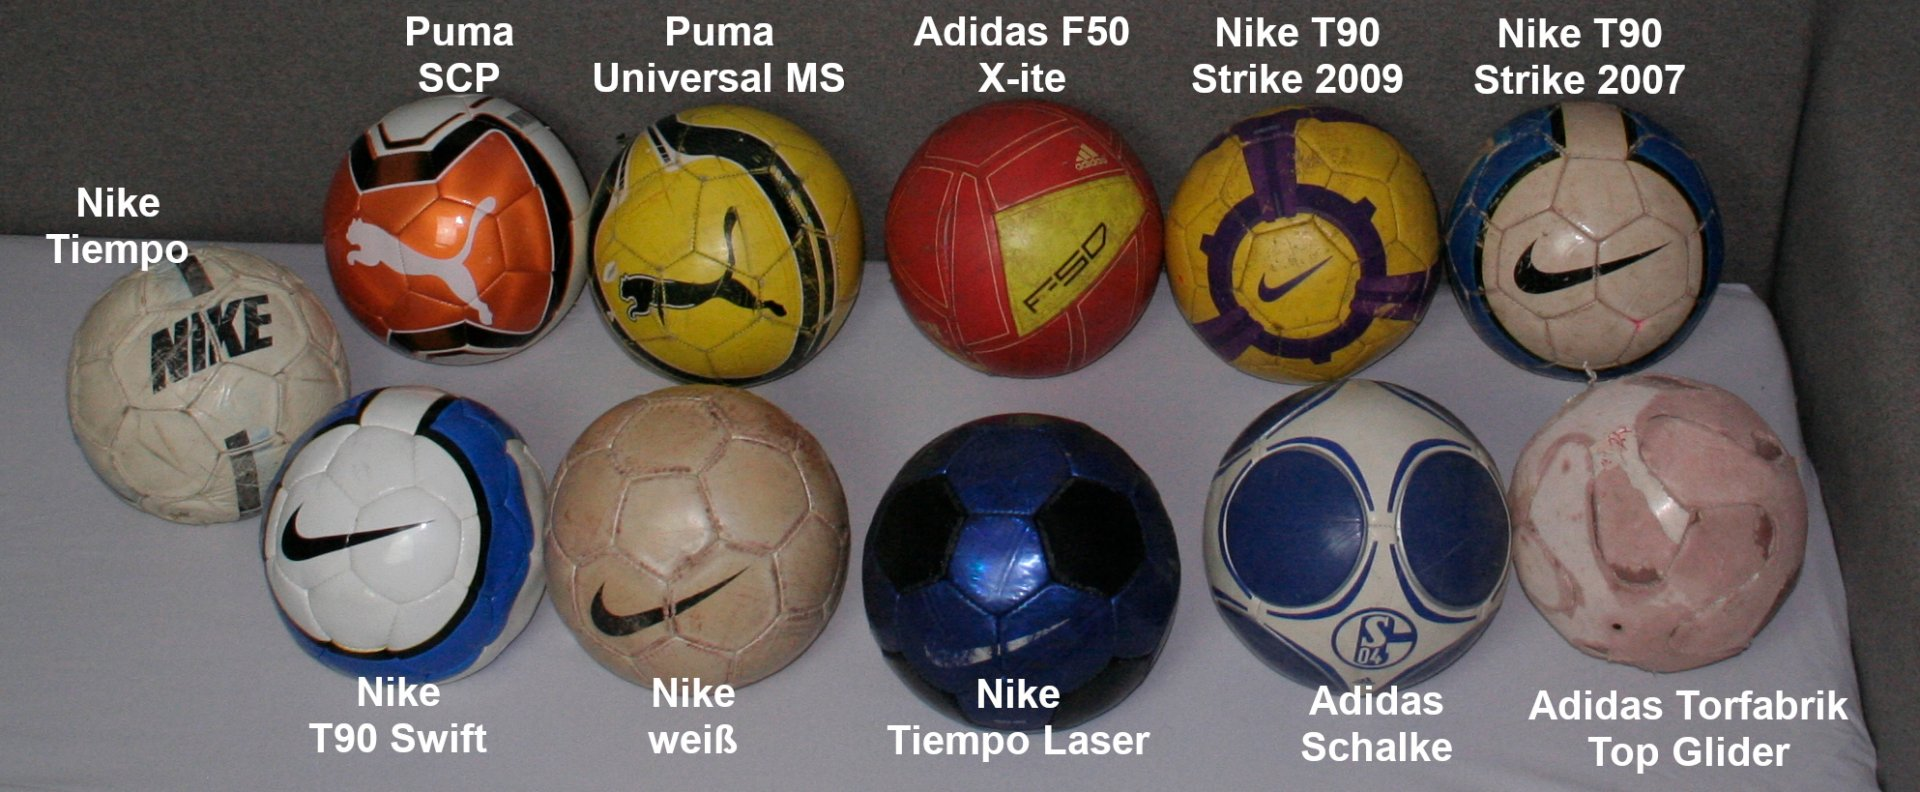 Verschiedene Fußbälle von Adidas, Nike, Puma